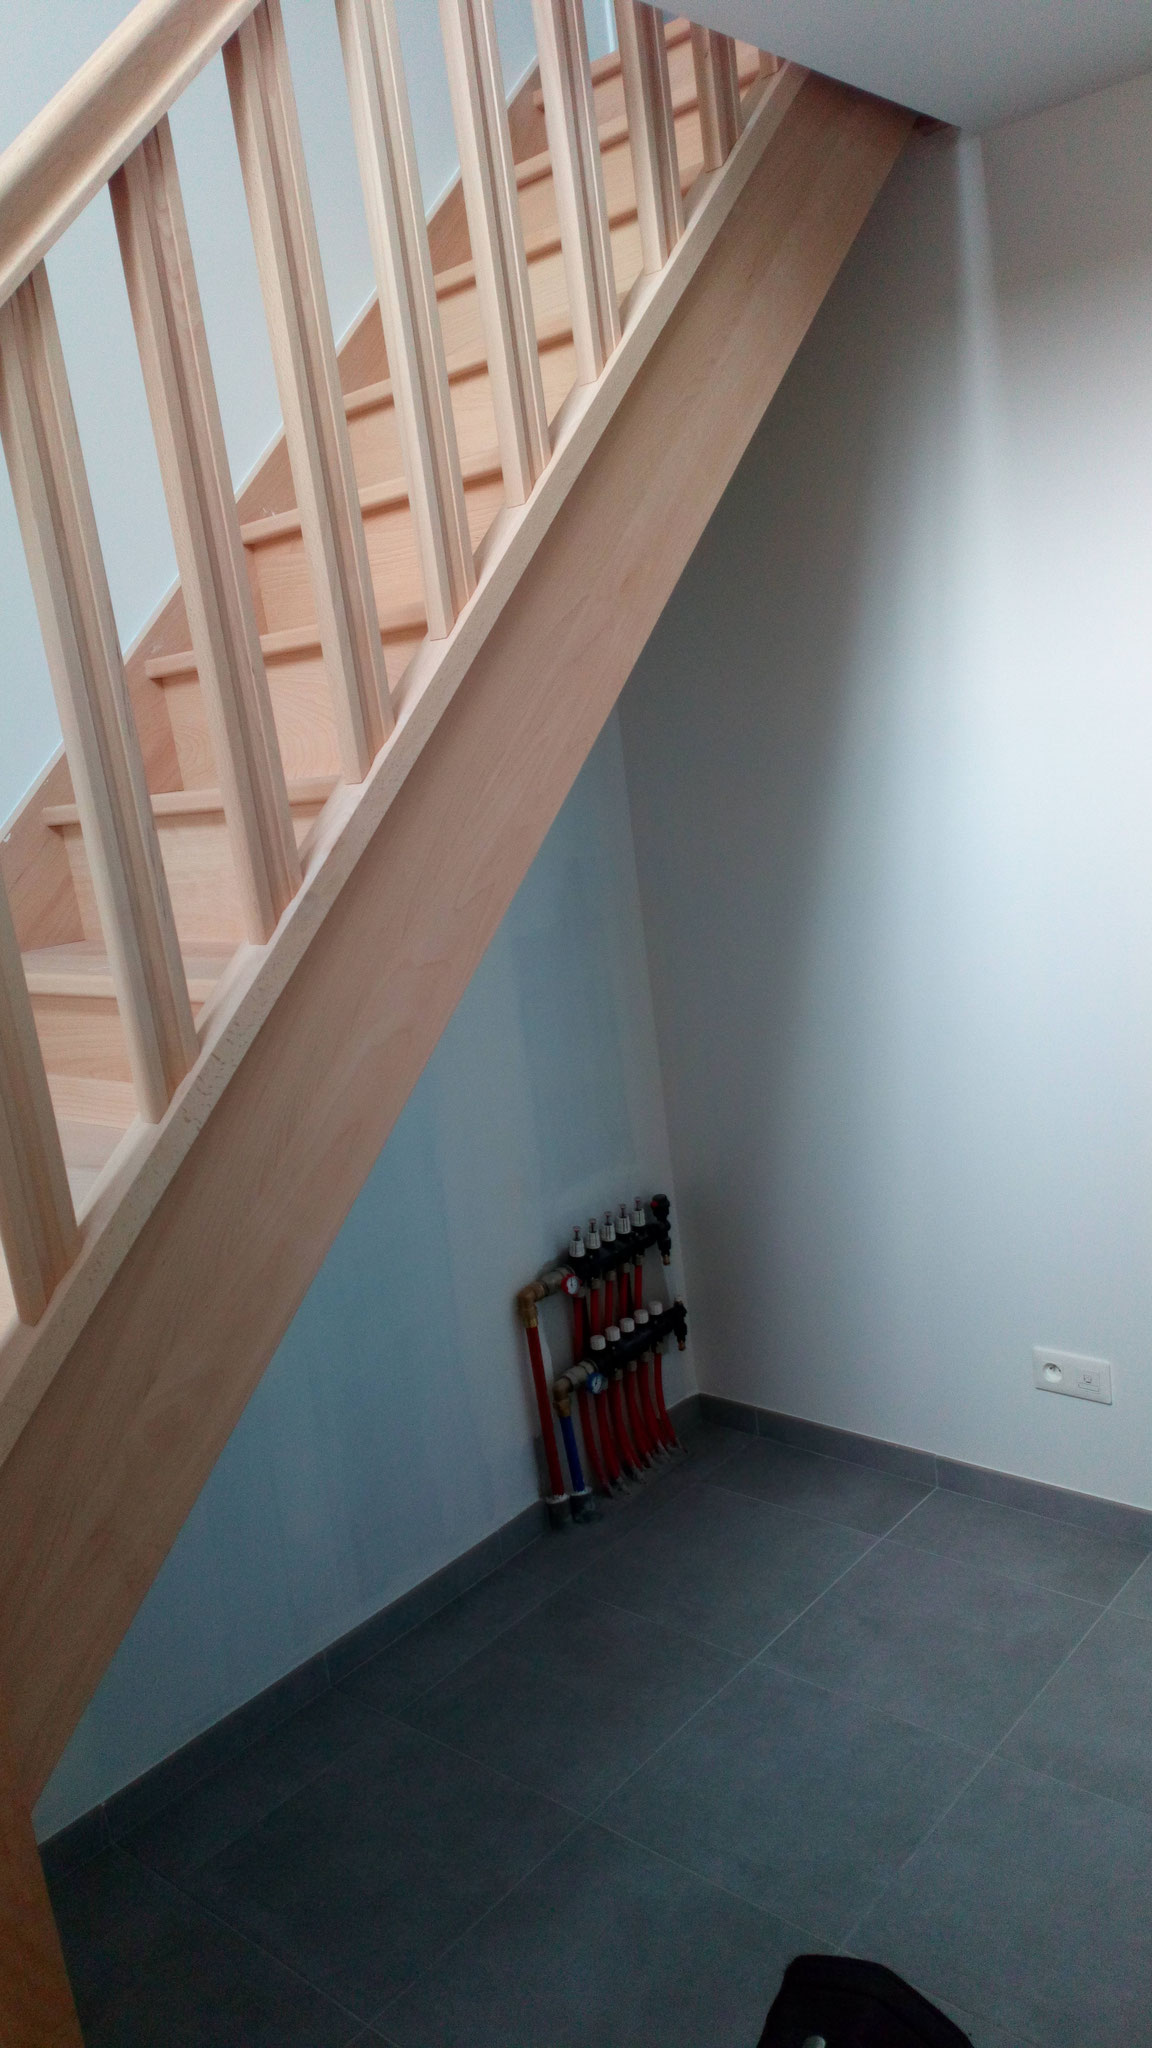 Escalier à aménager dans une maison neuve